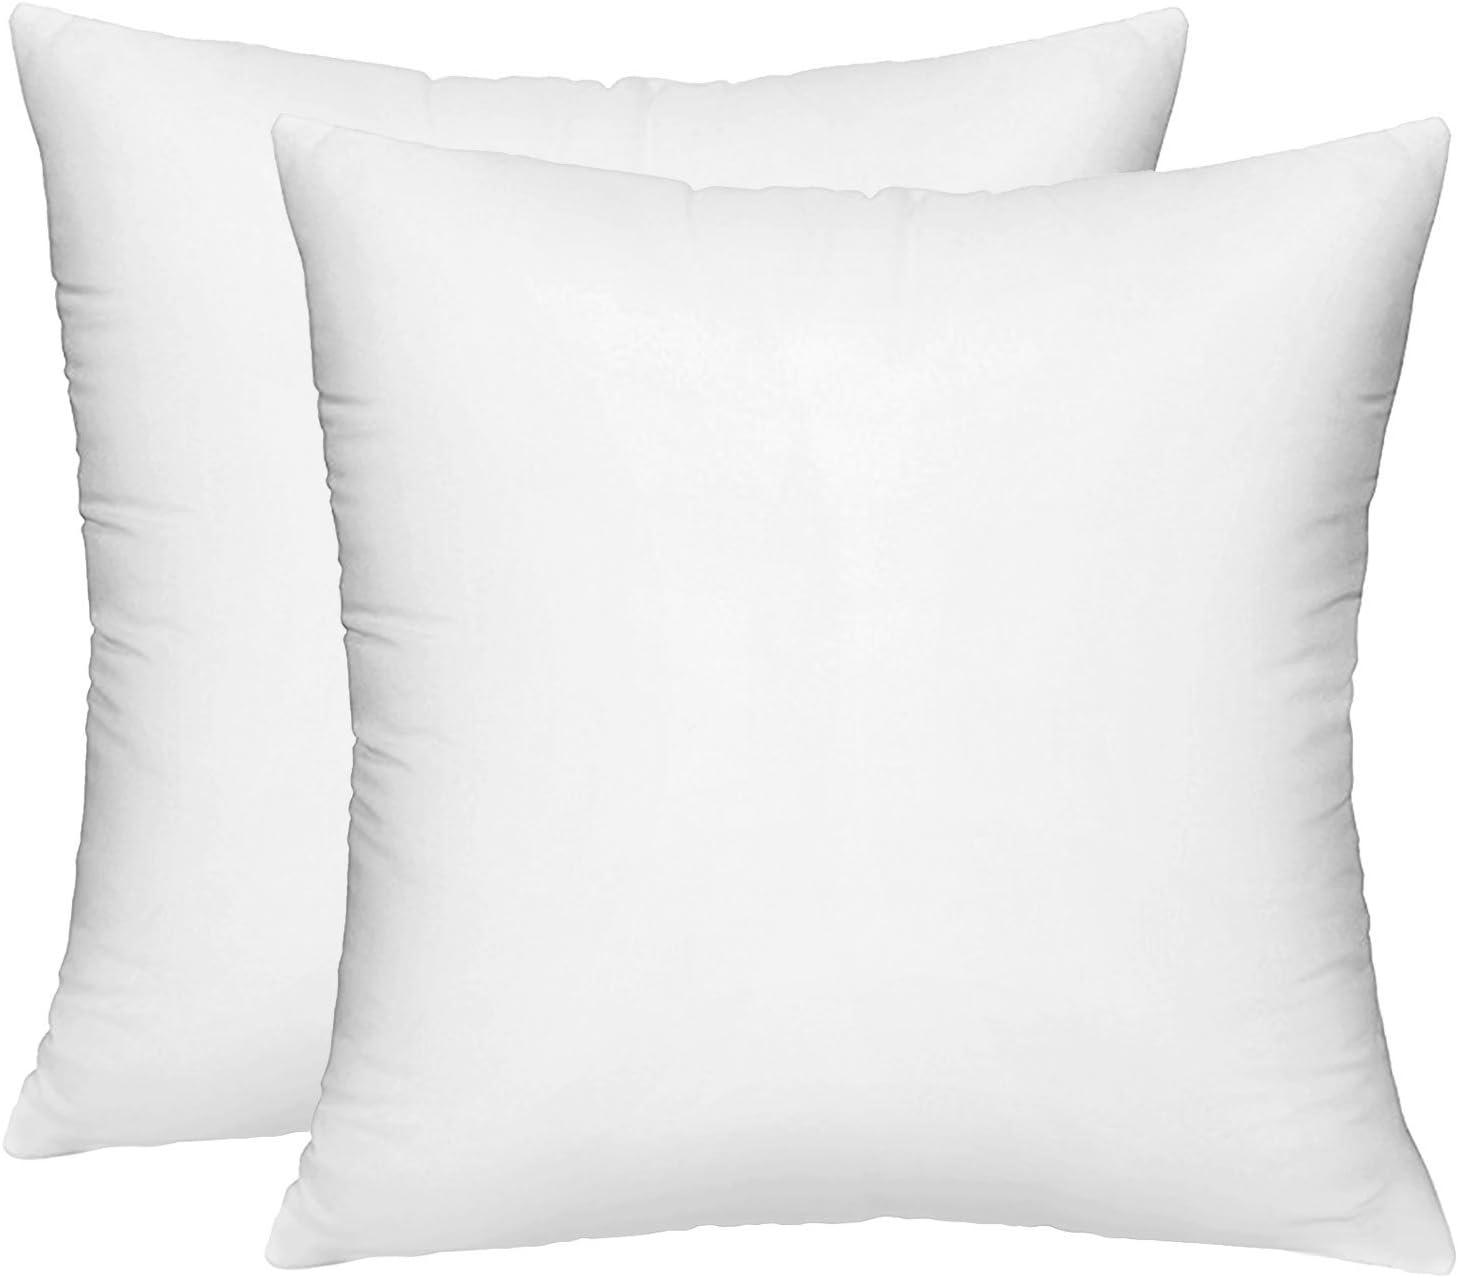 12  x 21  Pillow Insert   Pillow form   Hypoallergenic Pillow Form